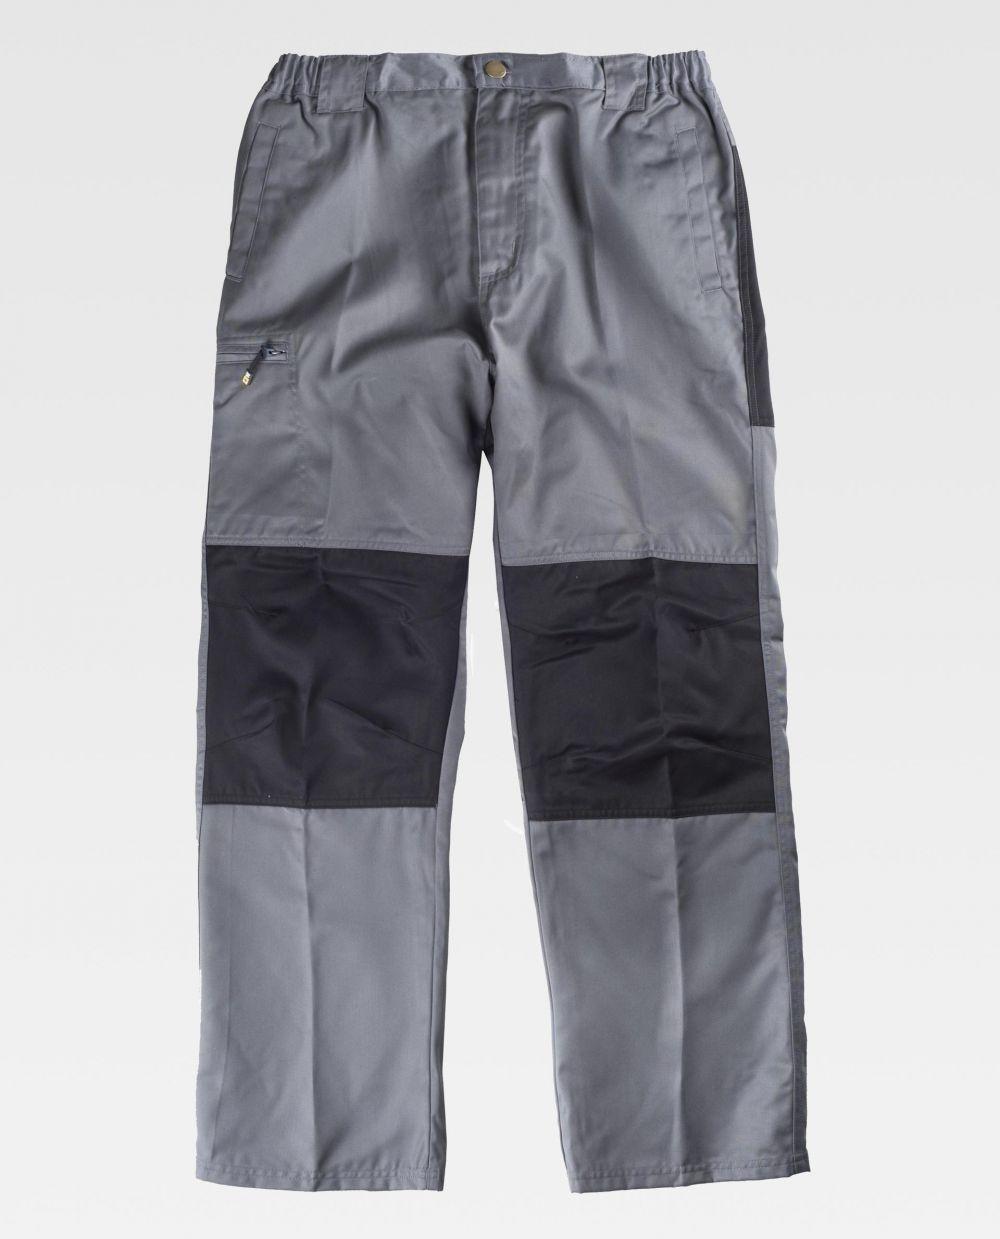 Pantalones de trabajo workteam b1411 de poliéster vista 1